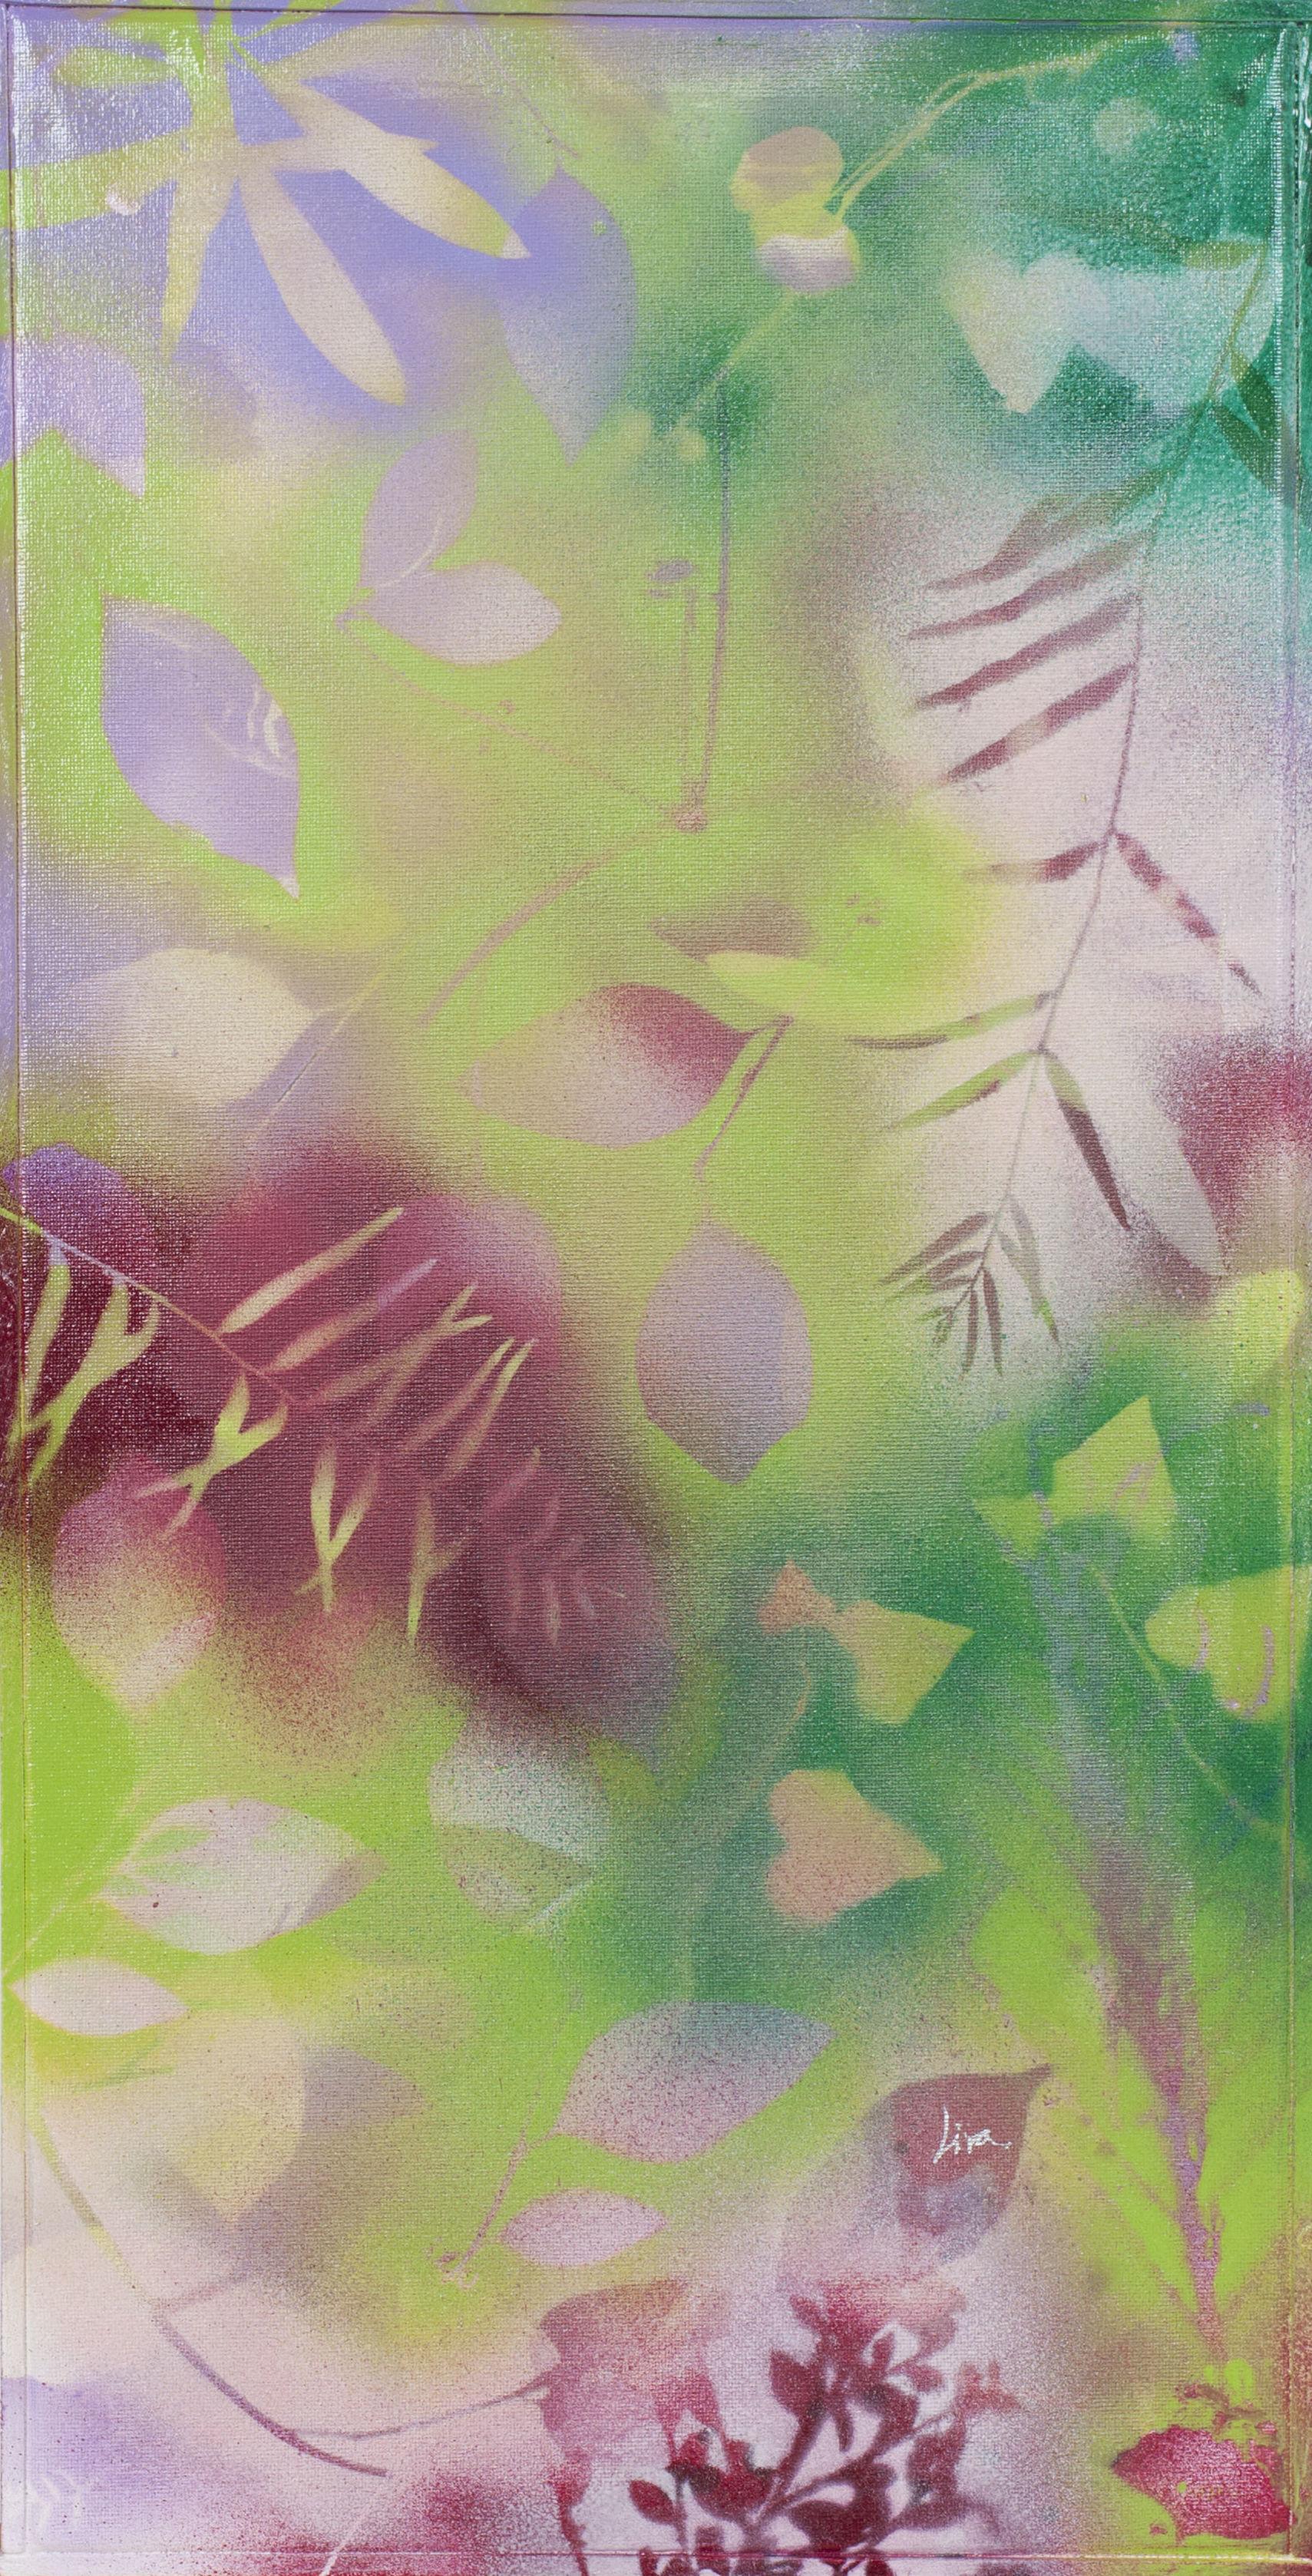 Catálogo de Lienzos de Lira y cuadernos LiraNaturaleza: Mis creaciones de Lira Naturaleza